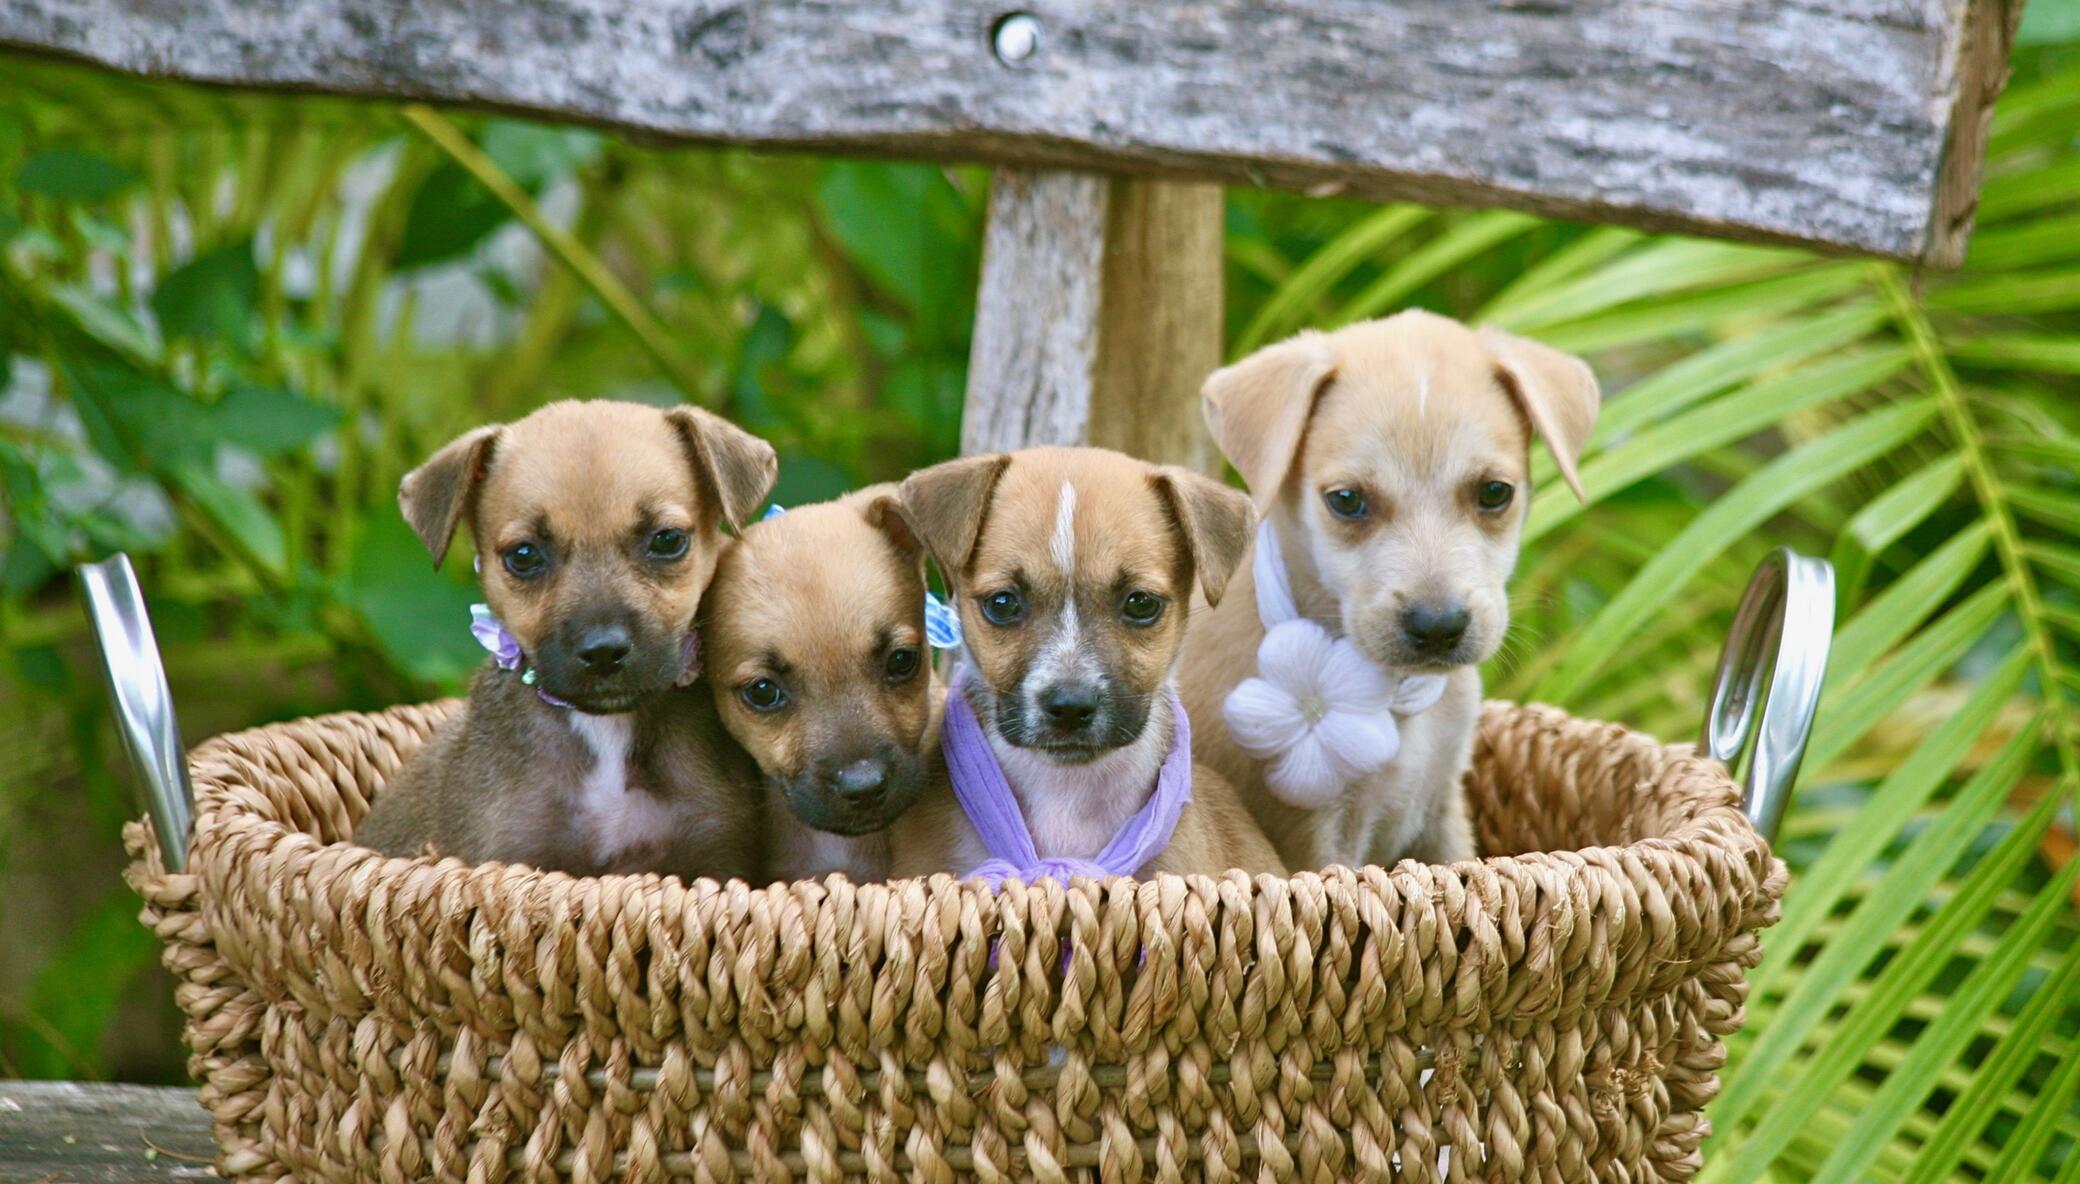 Spay/Neuter 2,000 Stray Dogs & Cats in The Bahamas